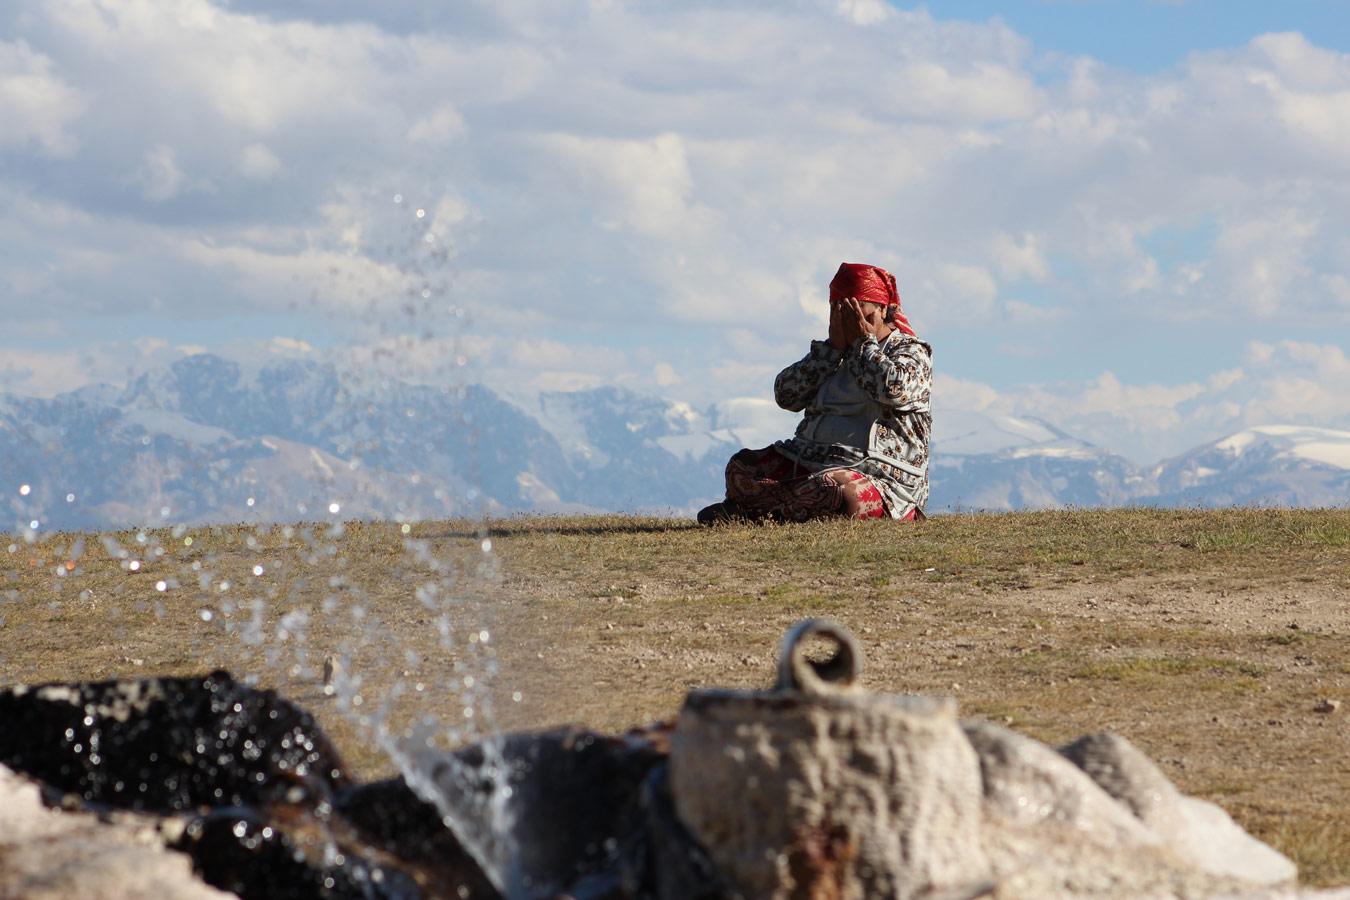 Родник Арашан, © Культурно-Исследовательский Центр Айгине, Фотоконкурс «Священные природные места»